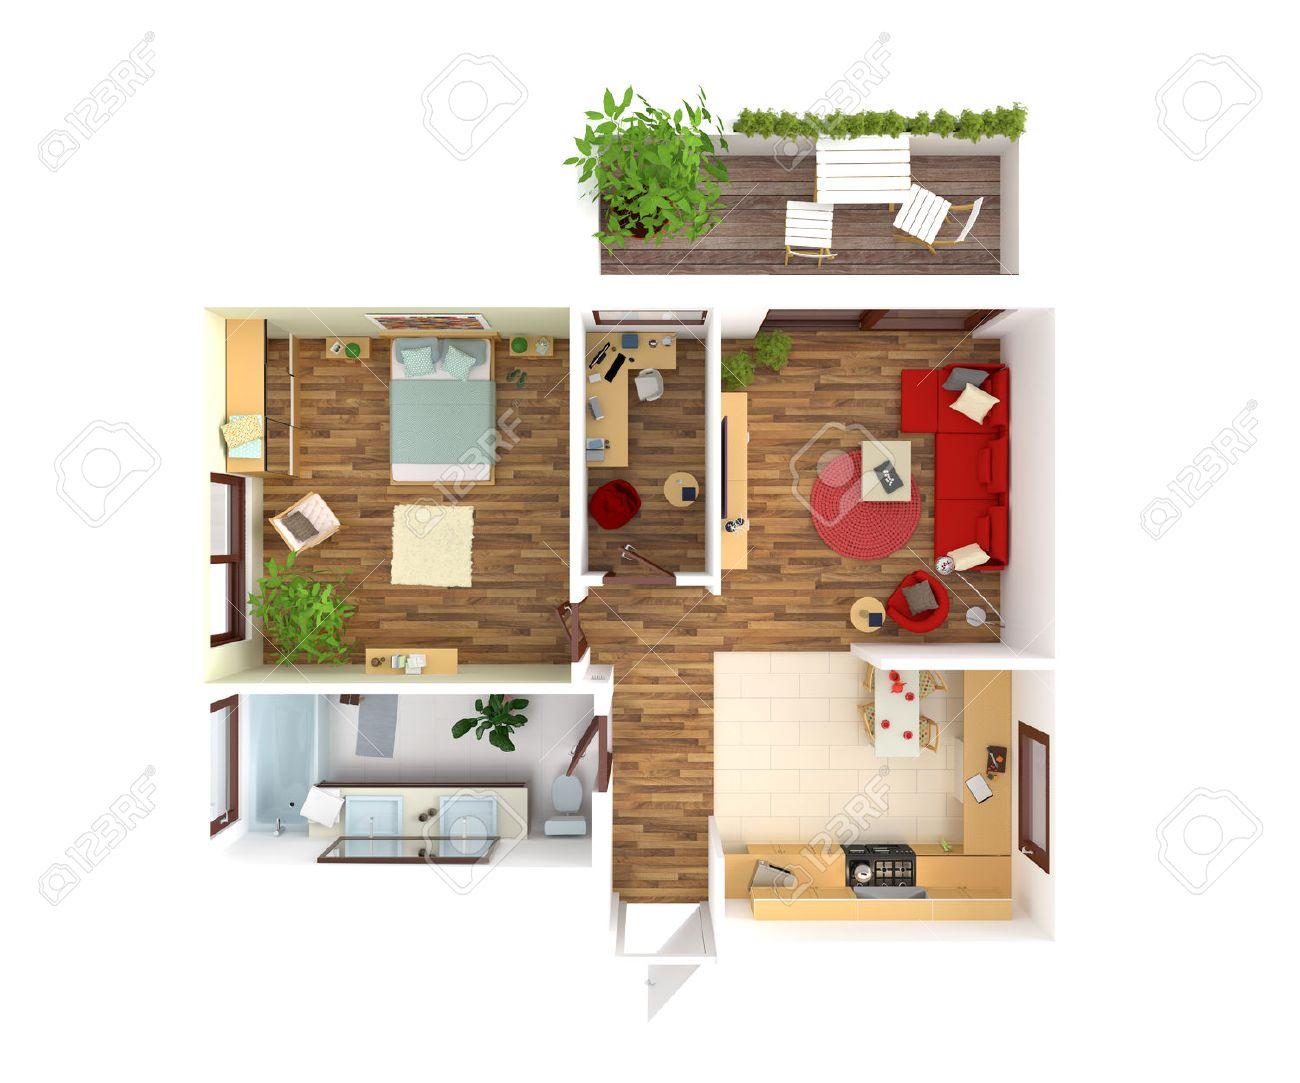 Vista En Planta De Un Apartamento: Cocina, Comedor, Estar ...